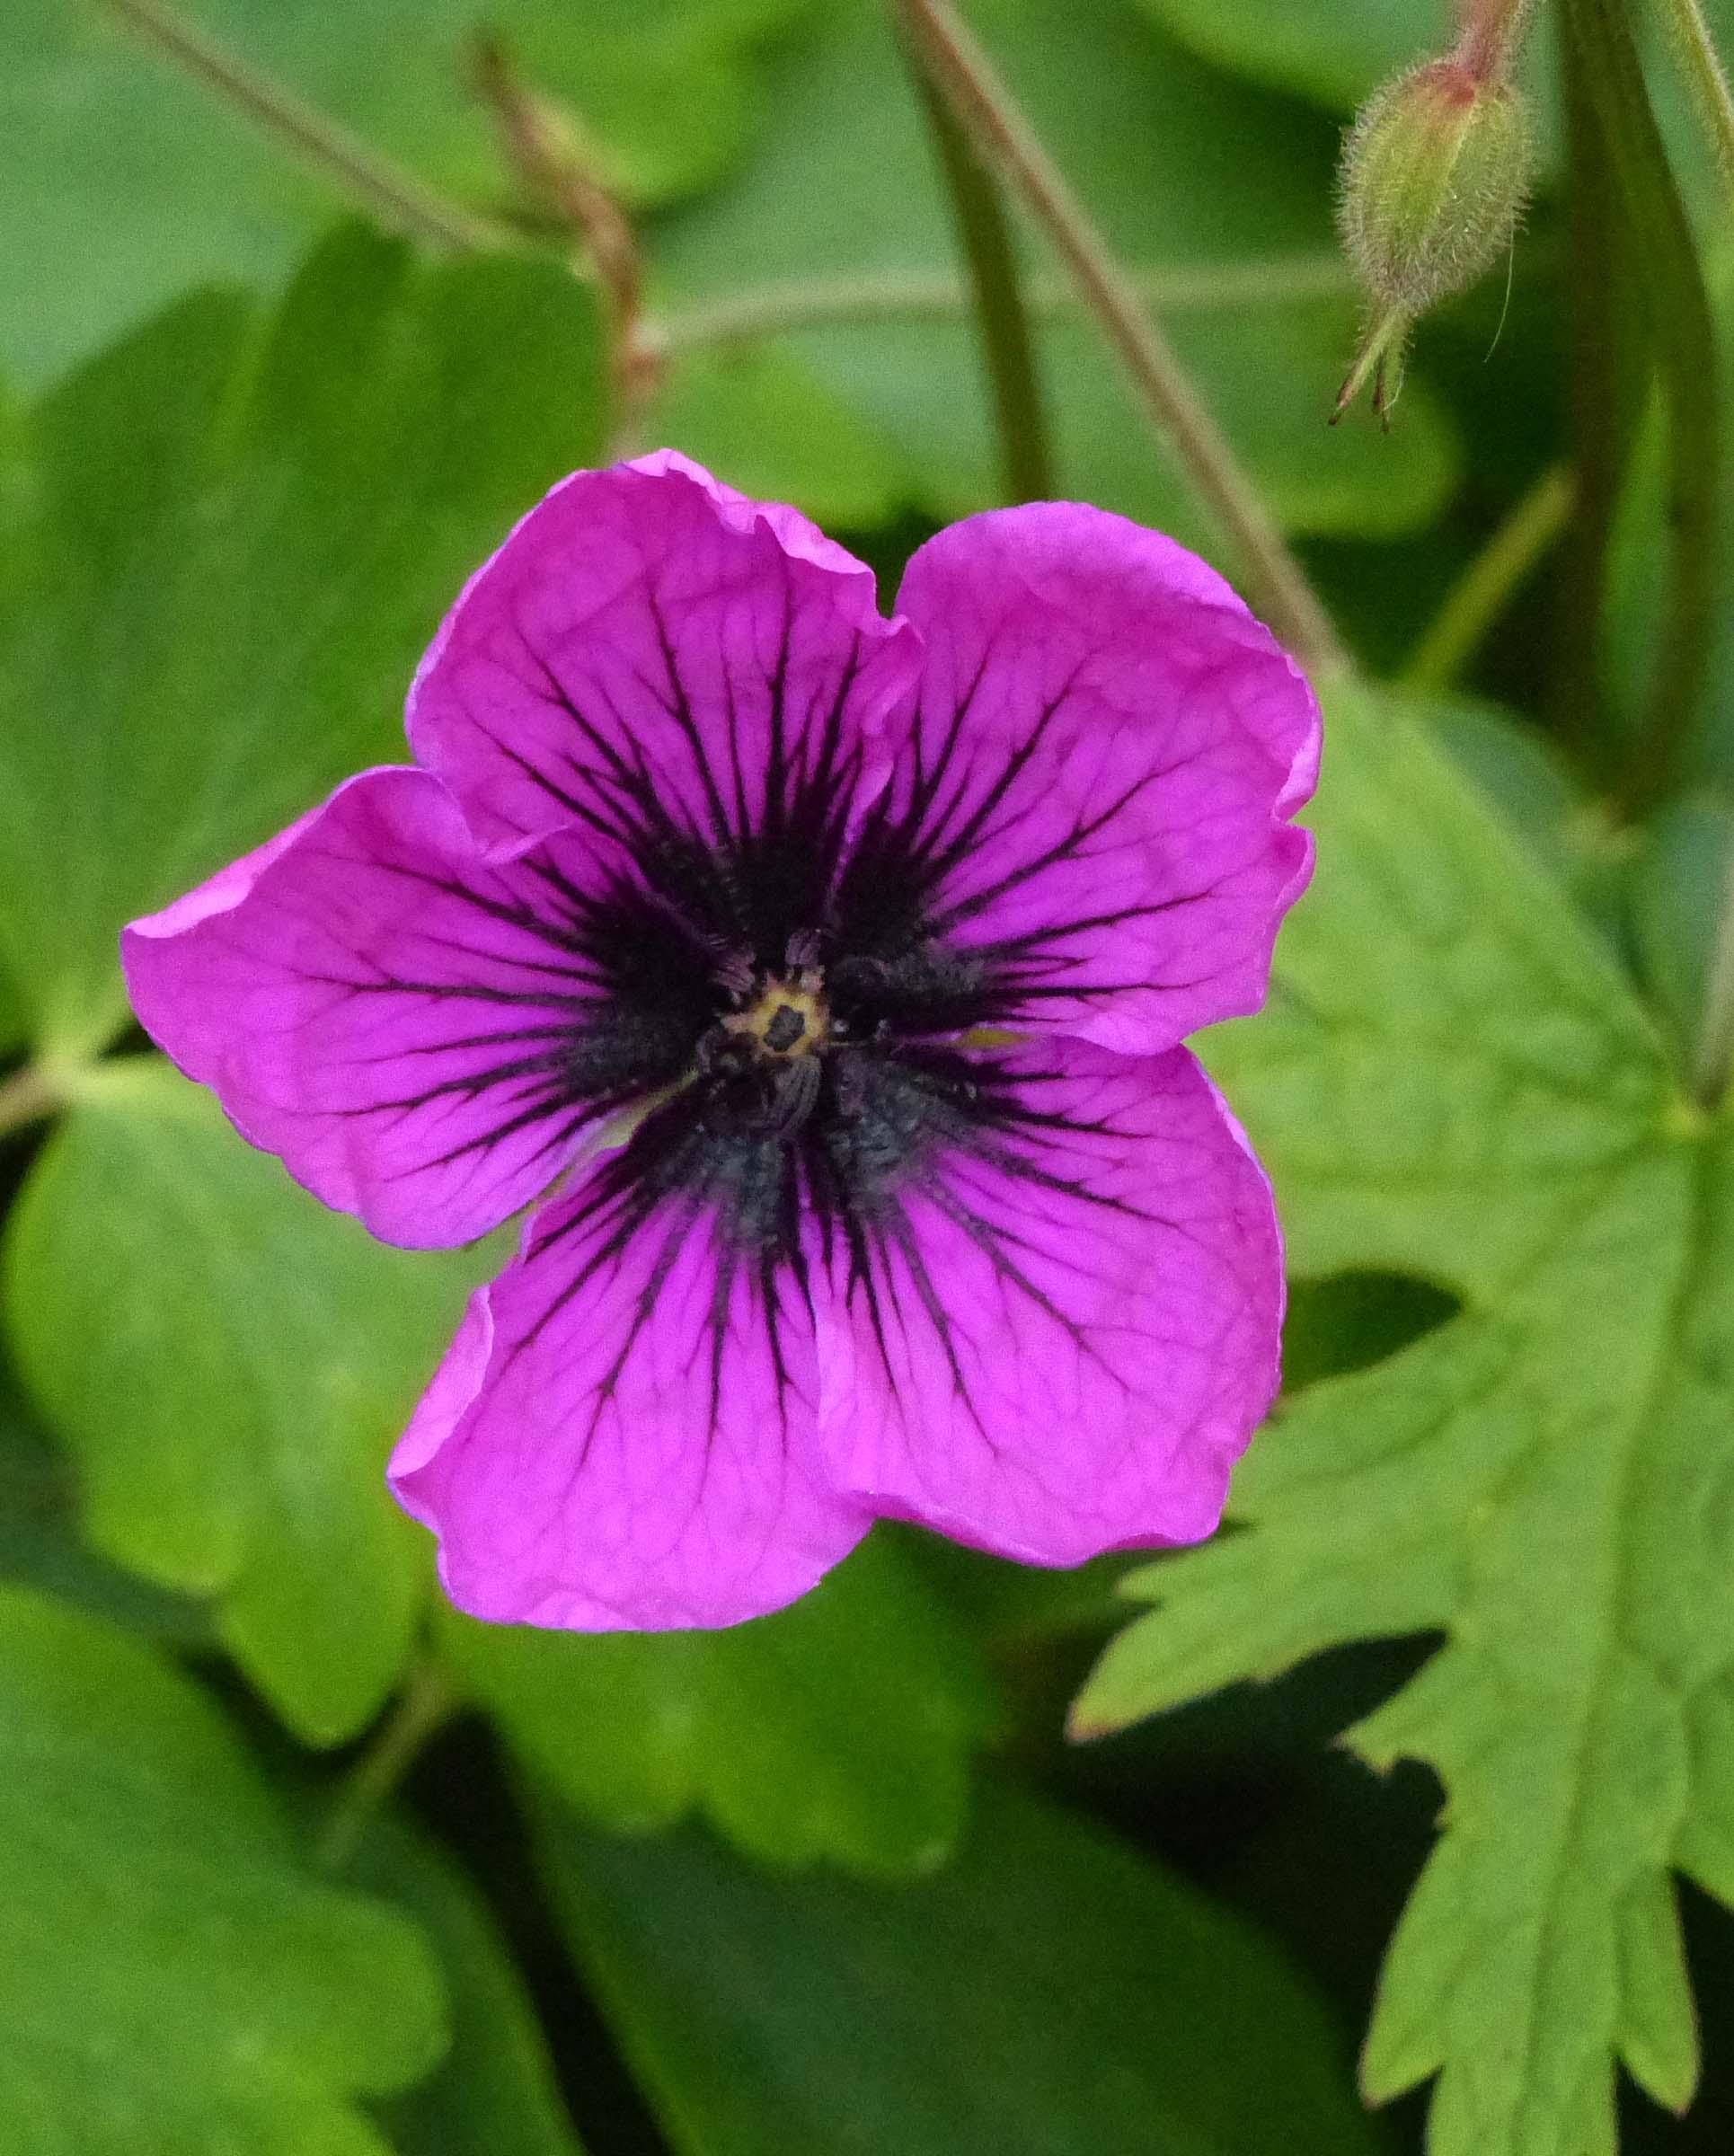 Deep pink flower with dark centre